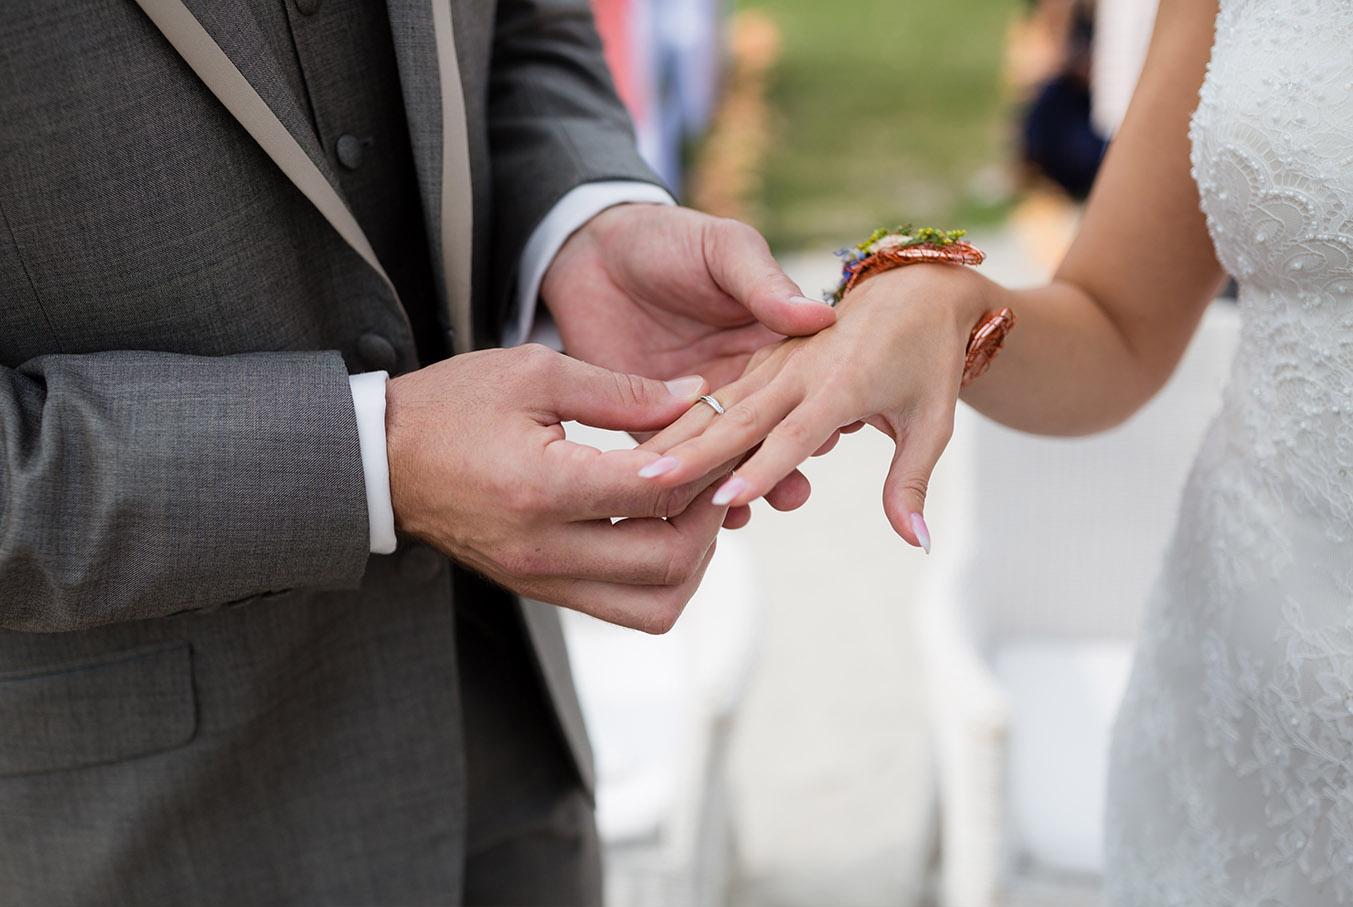 Vienna_Wien_Atzenbrugg_Hochzeit_Paar_Verlobung_Engagement_44